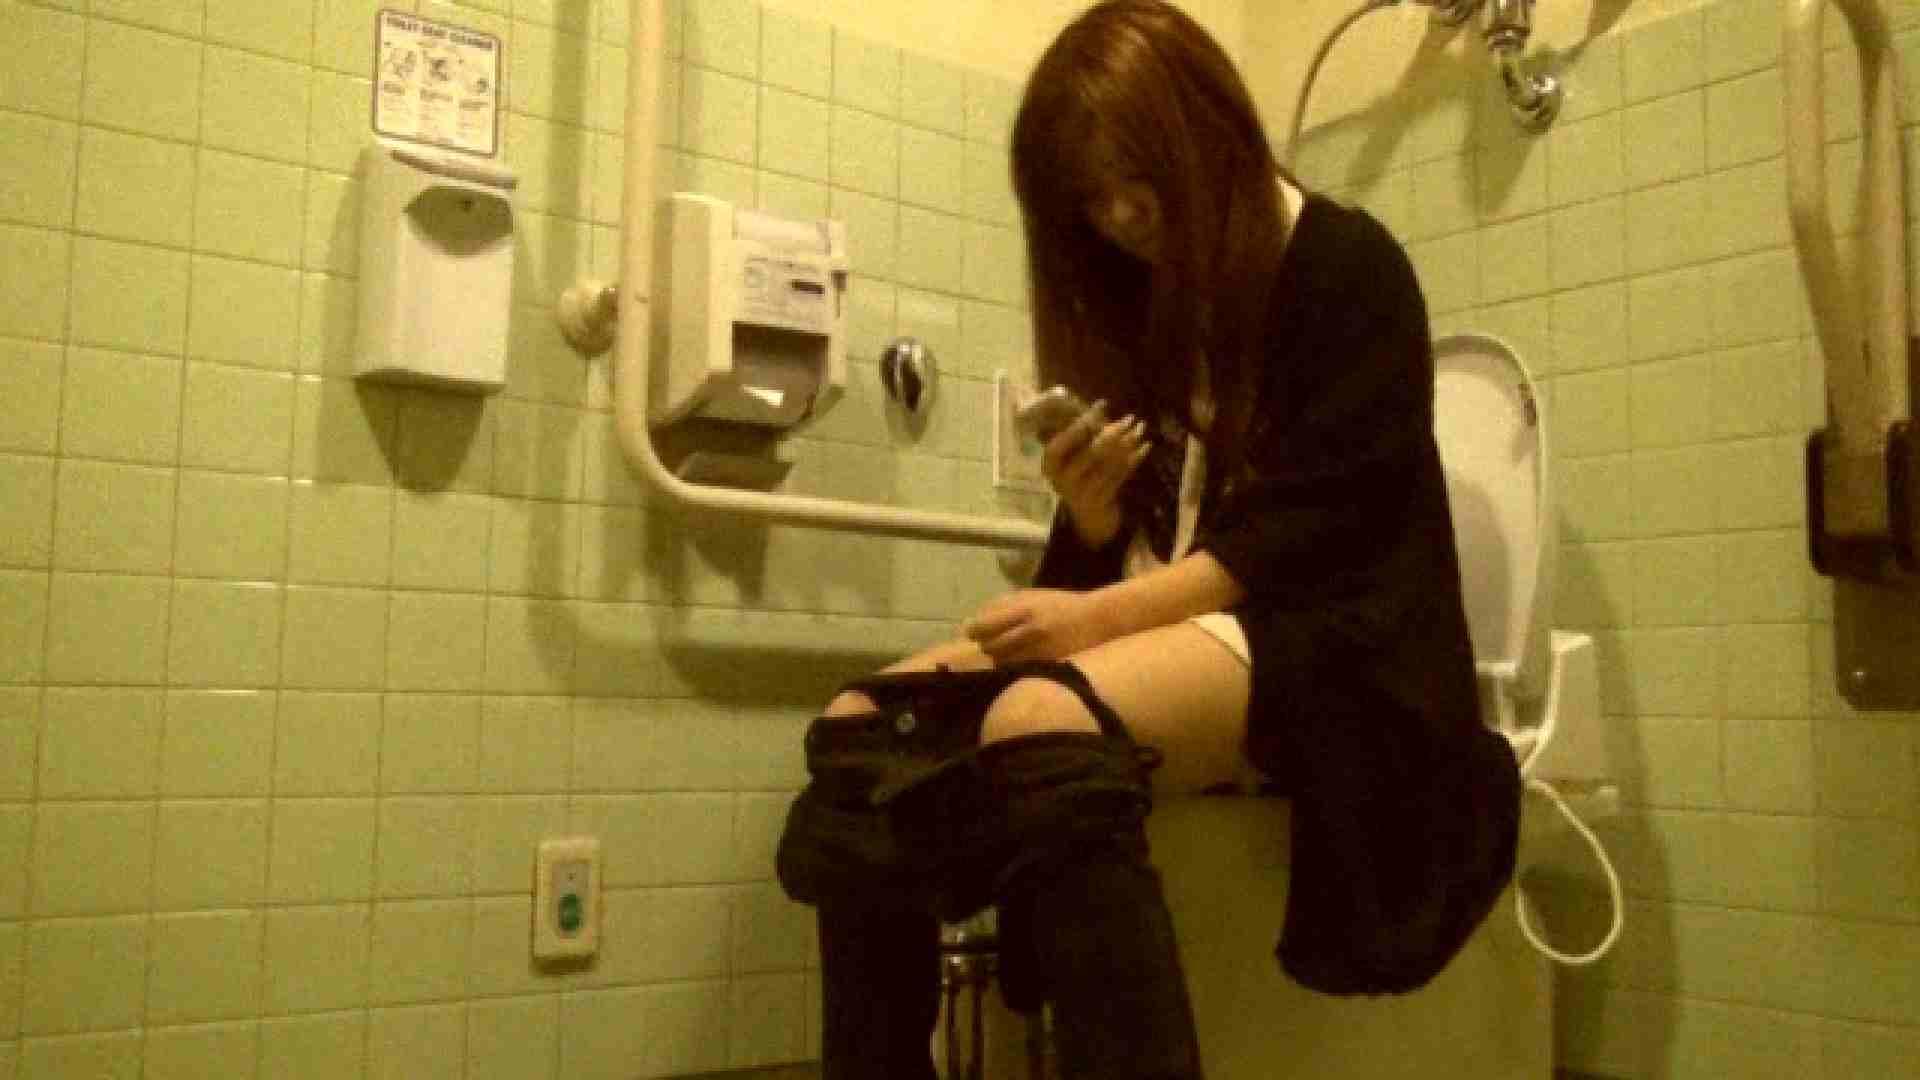 魔術師の お・も・て・な・し vol.26 19歳のバーの店員さんの洗面所をしばし… 洗面所  60枚 45